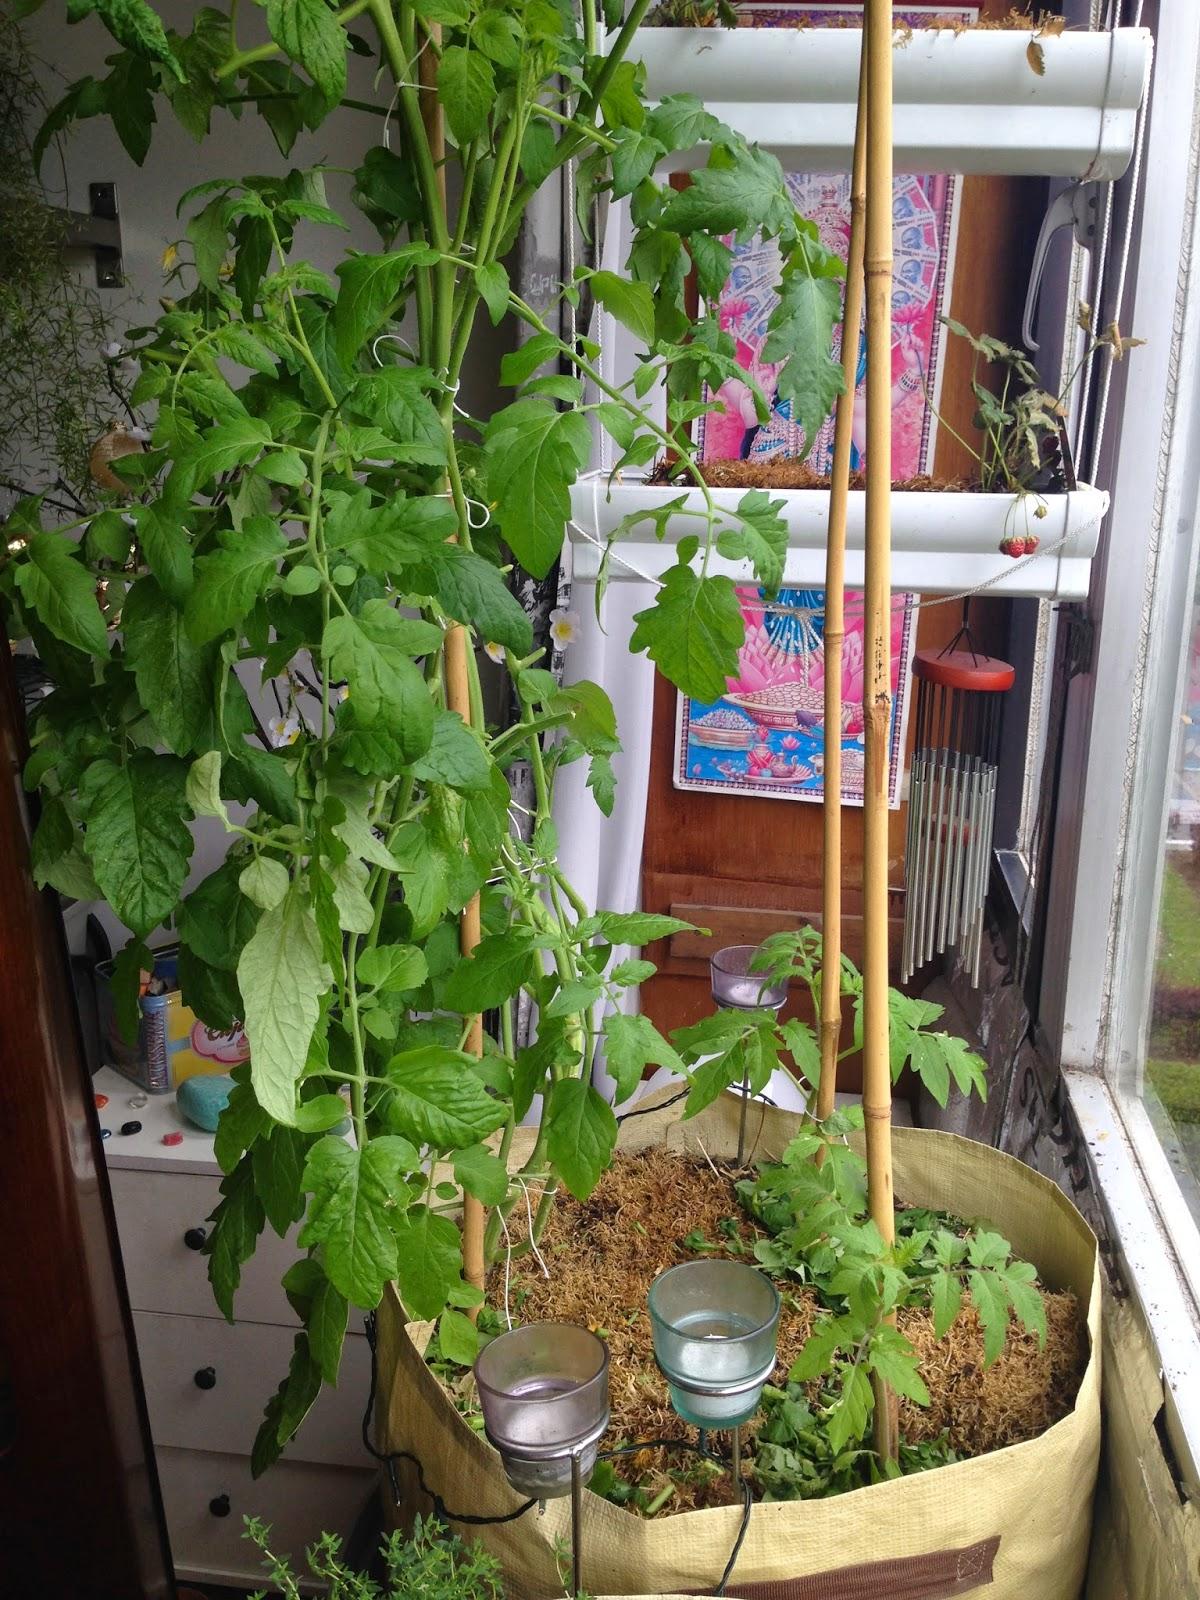 les pieds de tomates test permaculture 2015